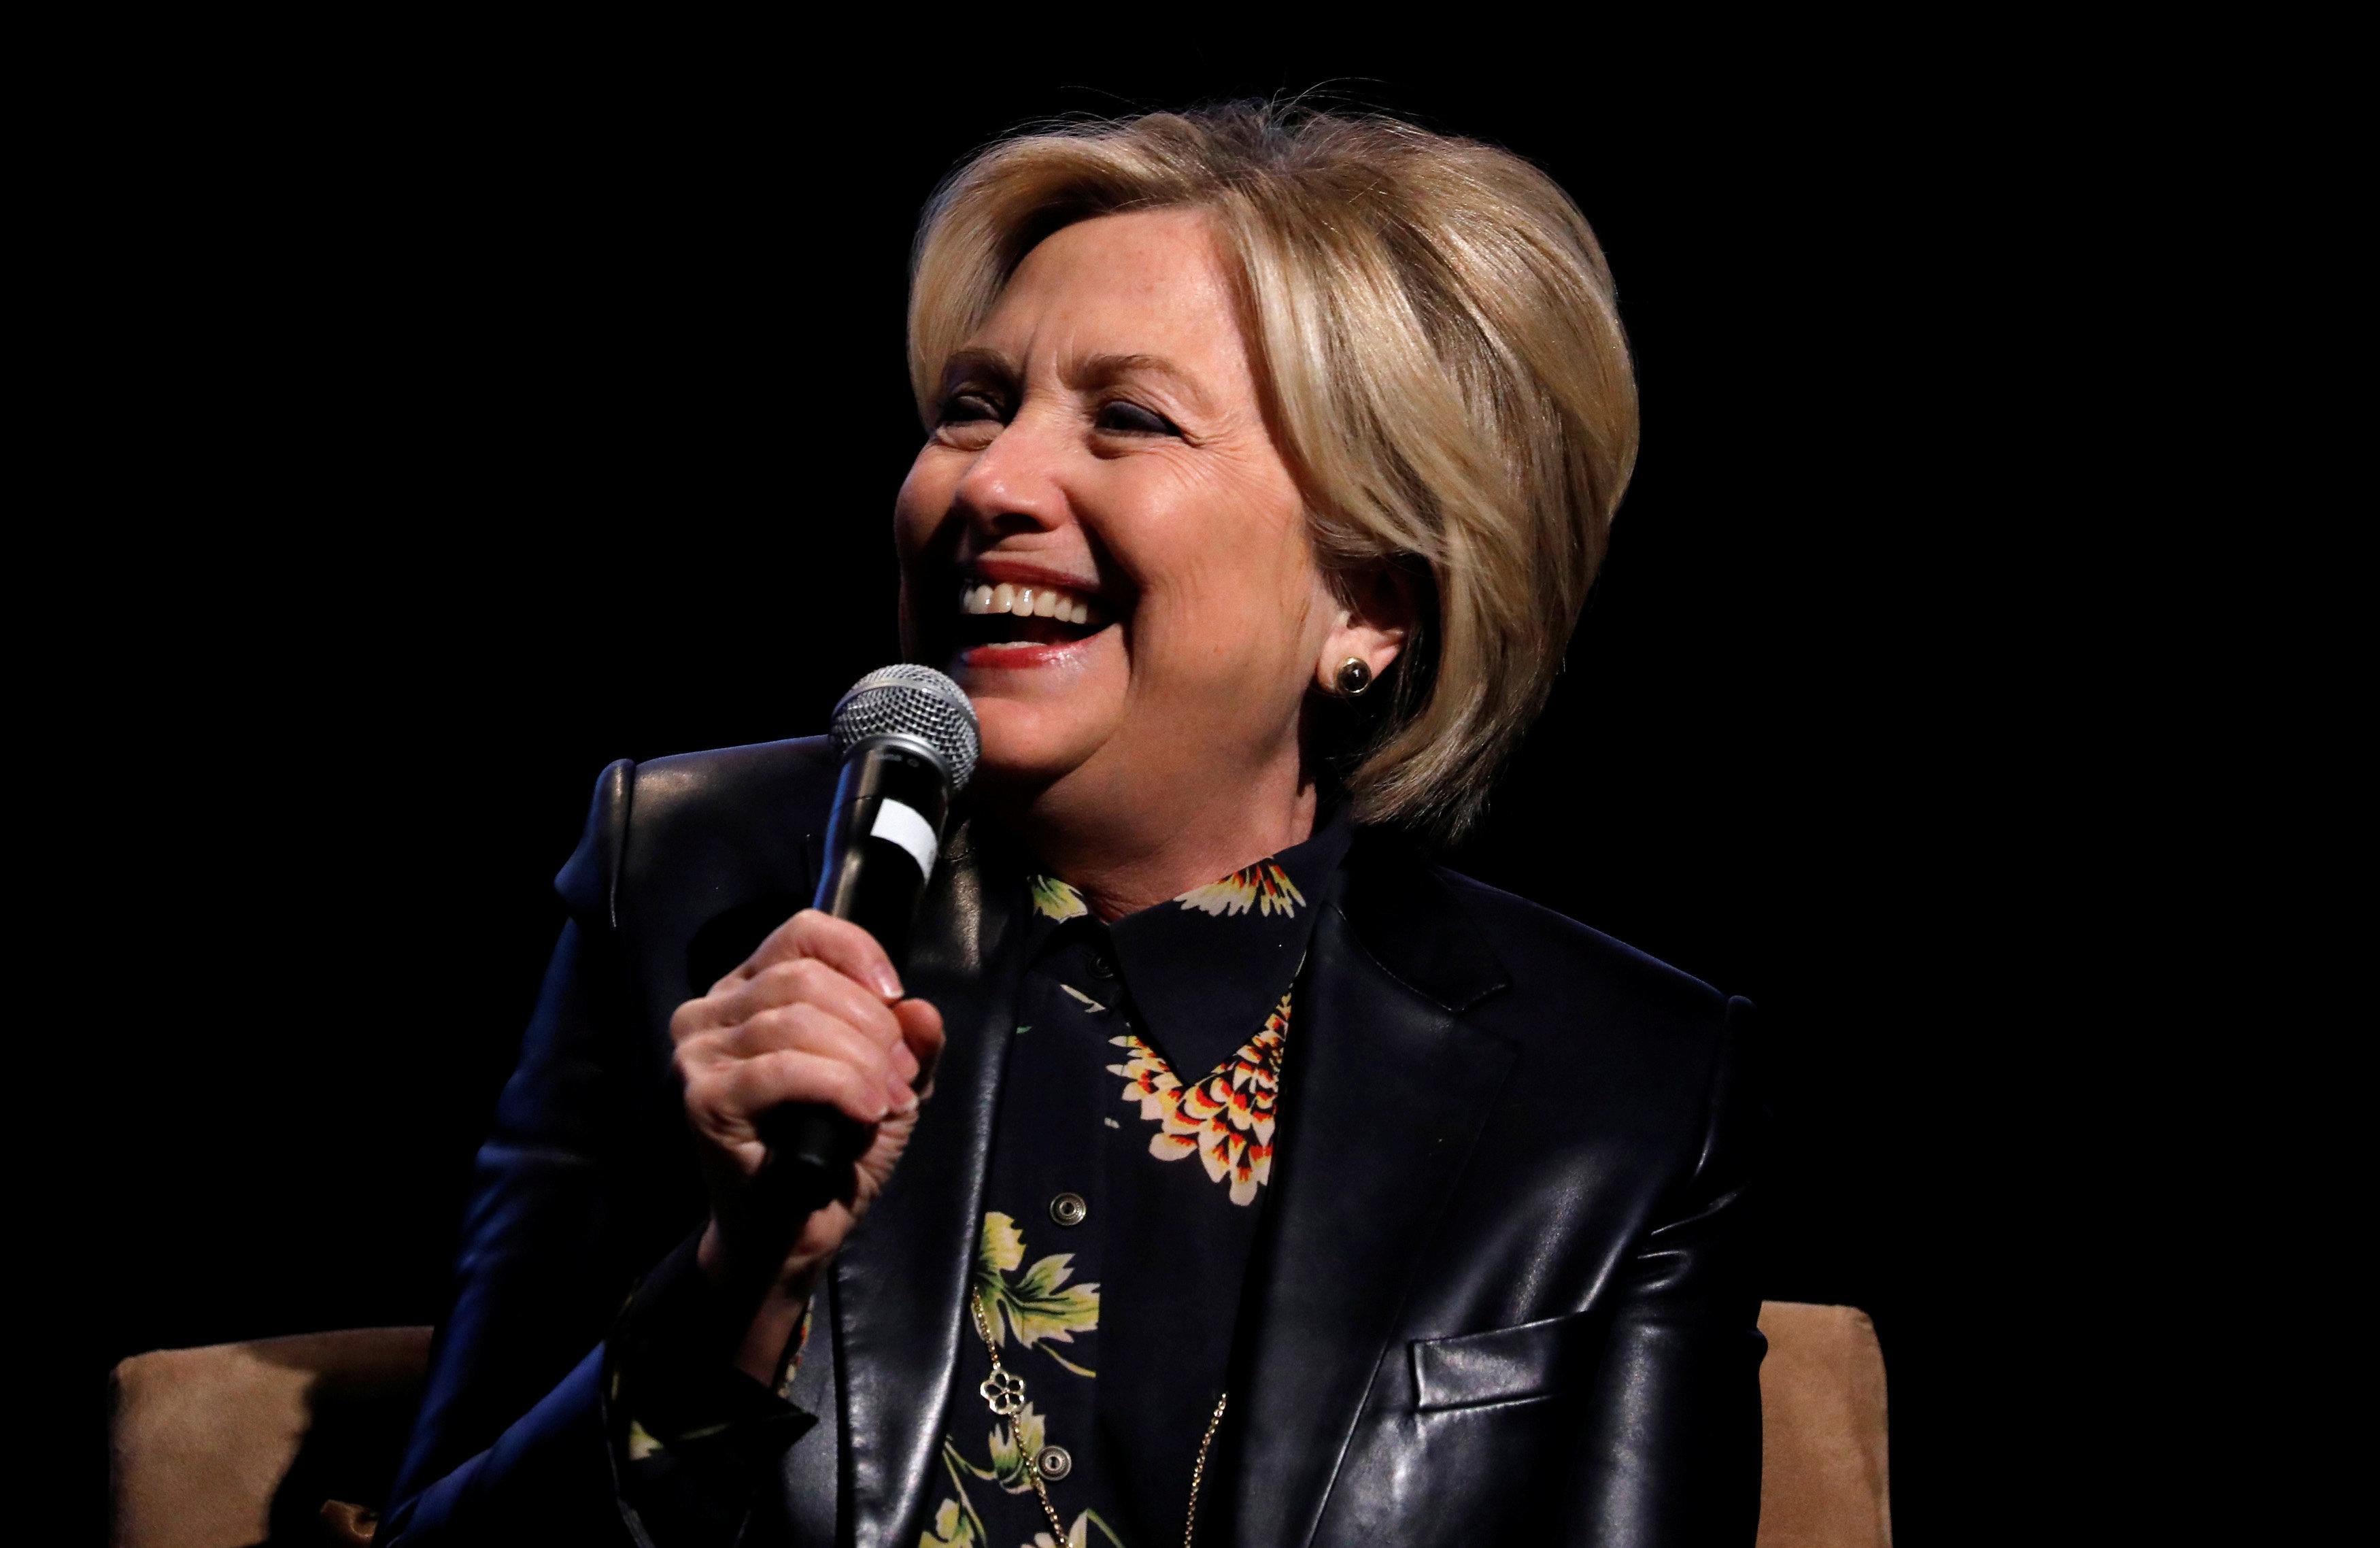 Η Hillary Clinton θα υποστηρίξει τον Andrew Cuomo αντί της Cynthia Nixon